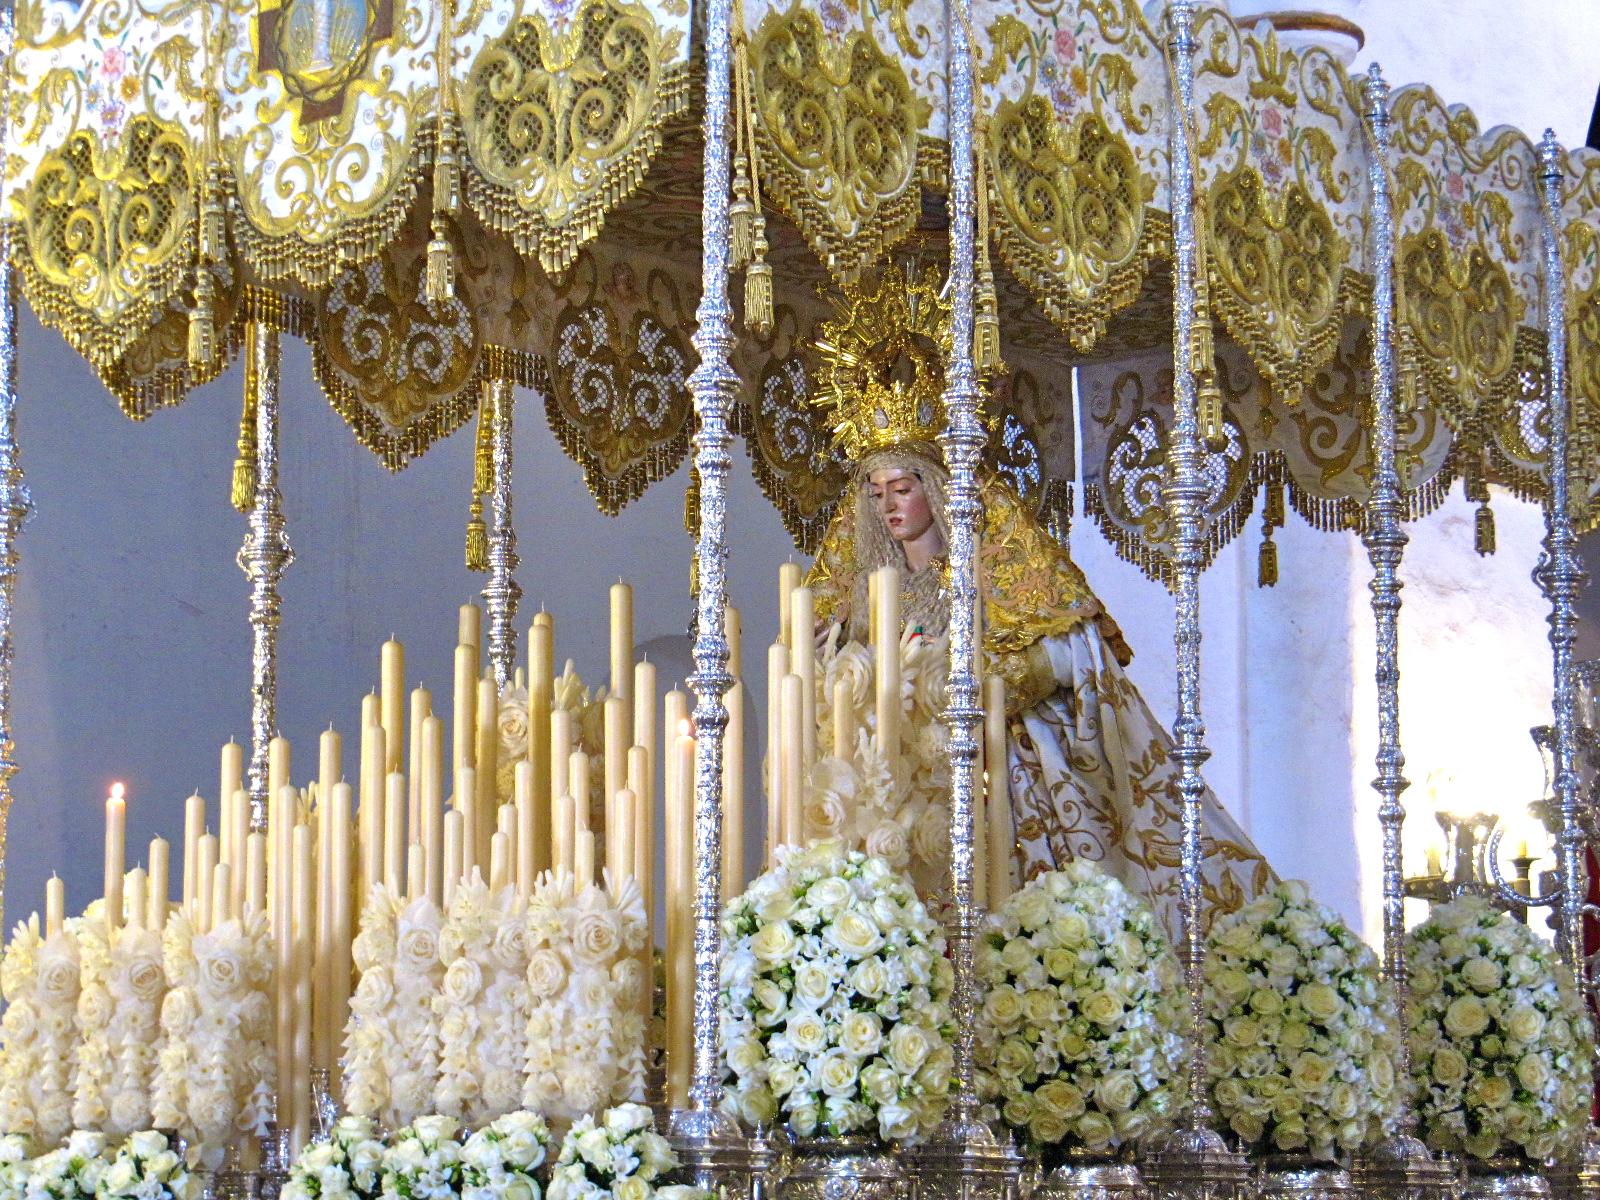 El Ayuntamiento de Teruel prepara su gran procesión de Semana Santa